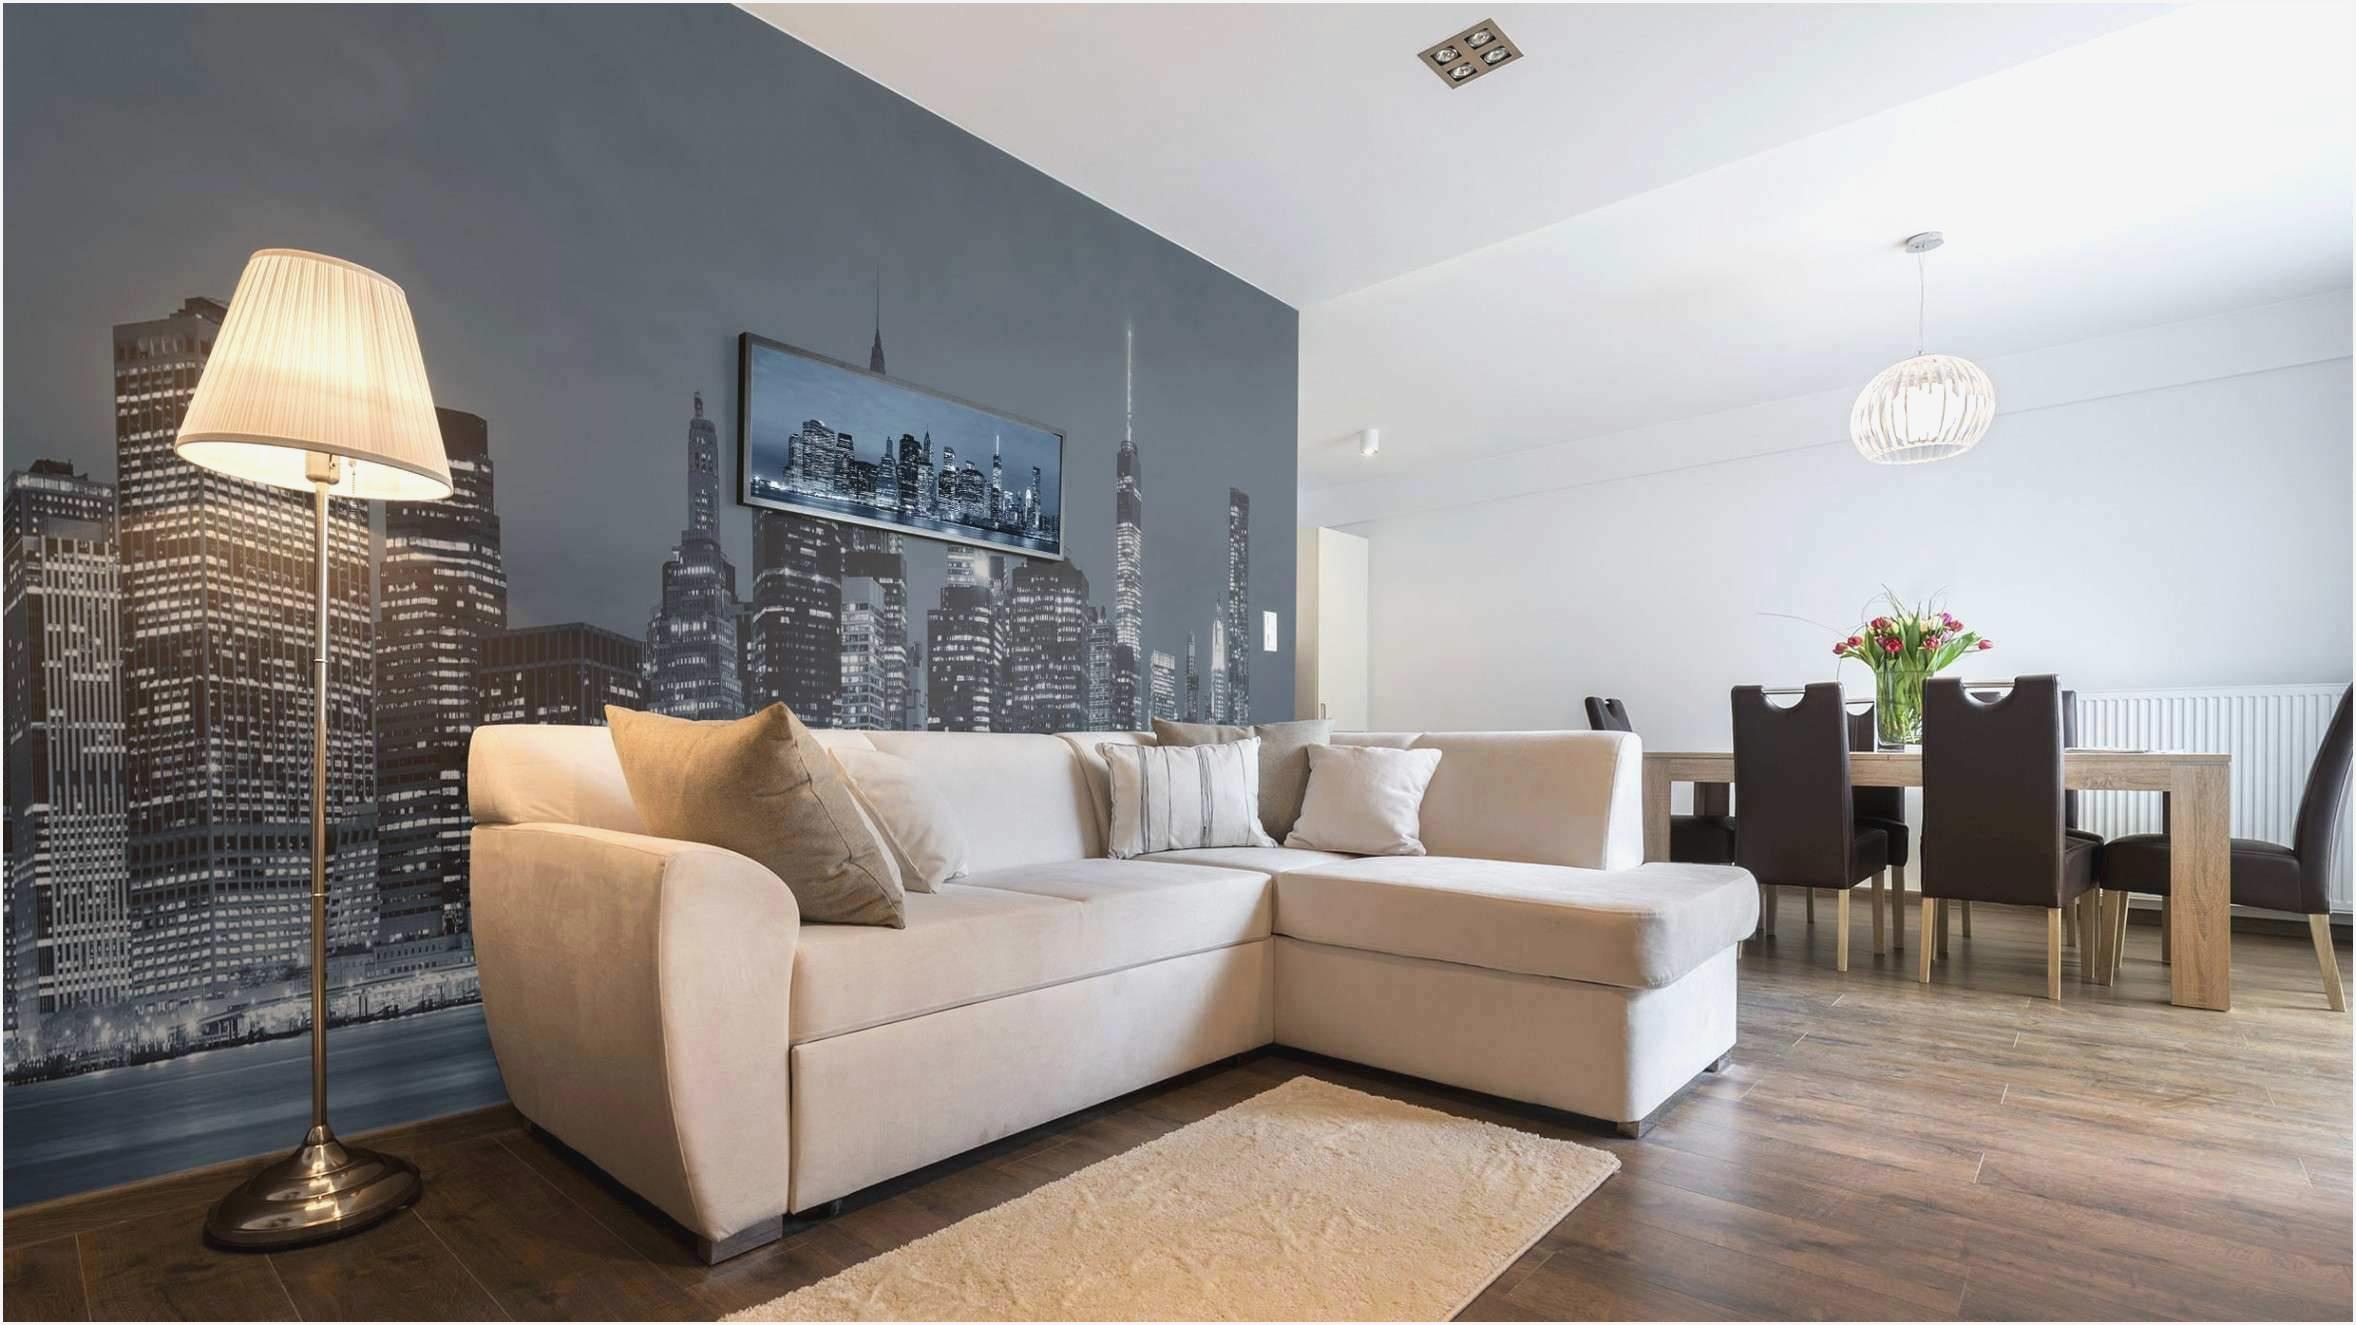 metall deko wohnzimmer fur steinwand